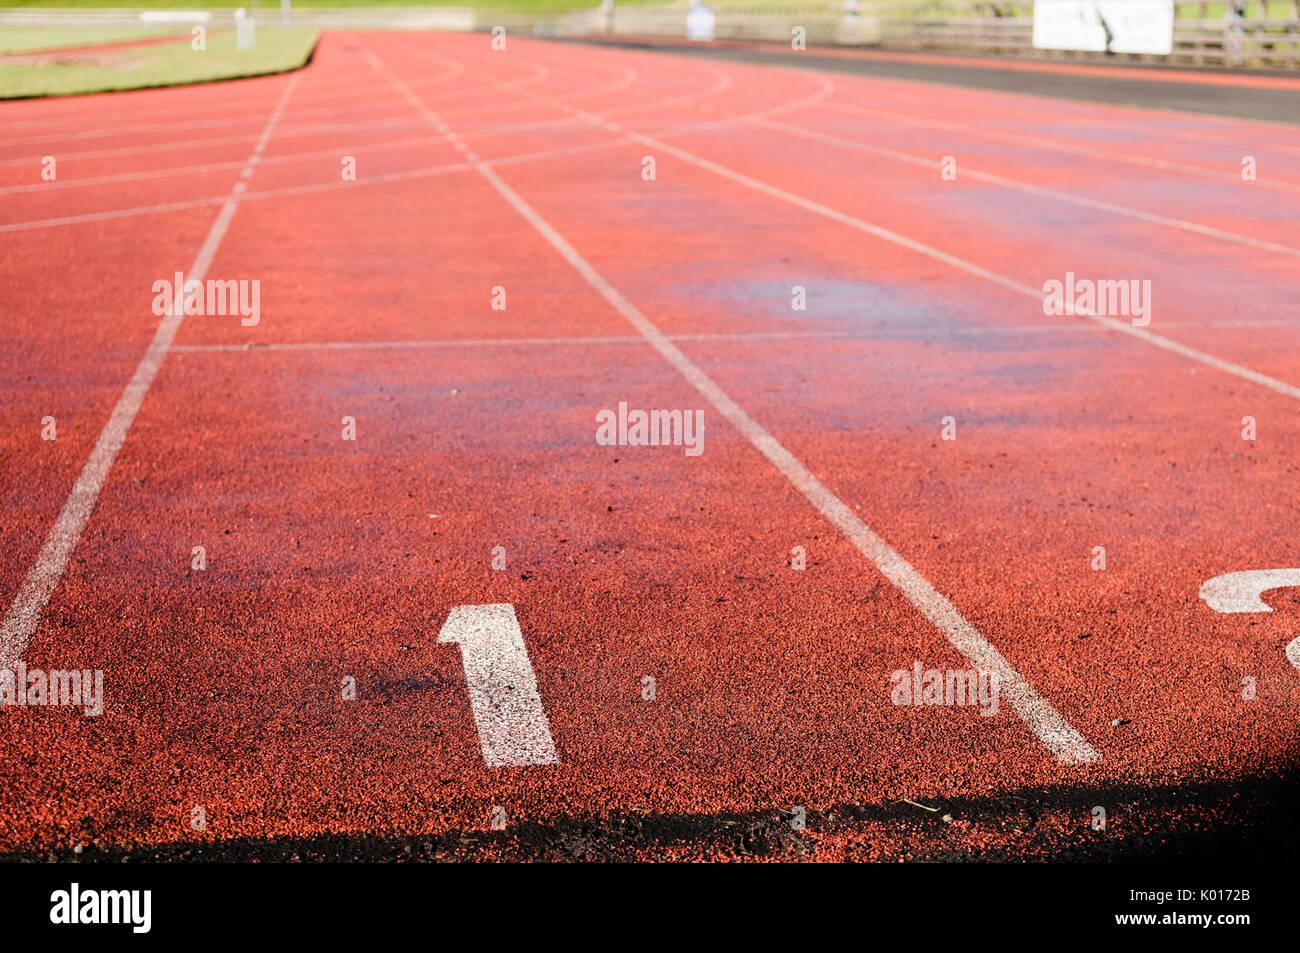 Lane 1 sobre una pista de atletismo de color rojo Imagen De Stock